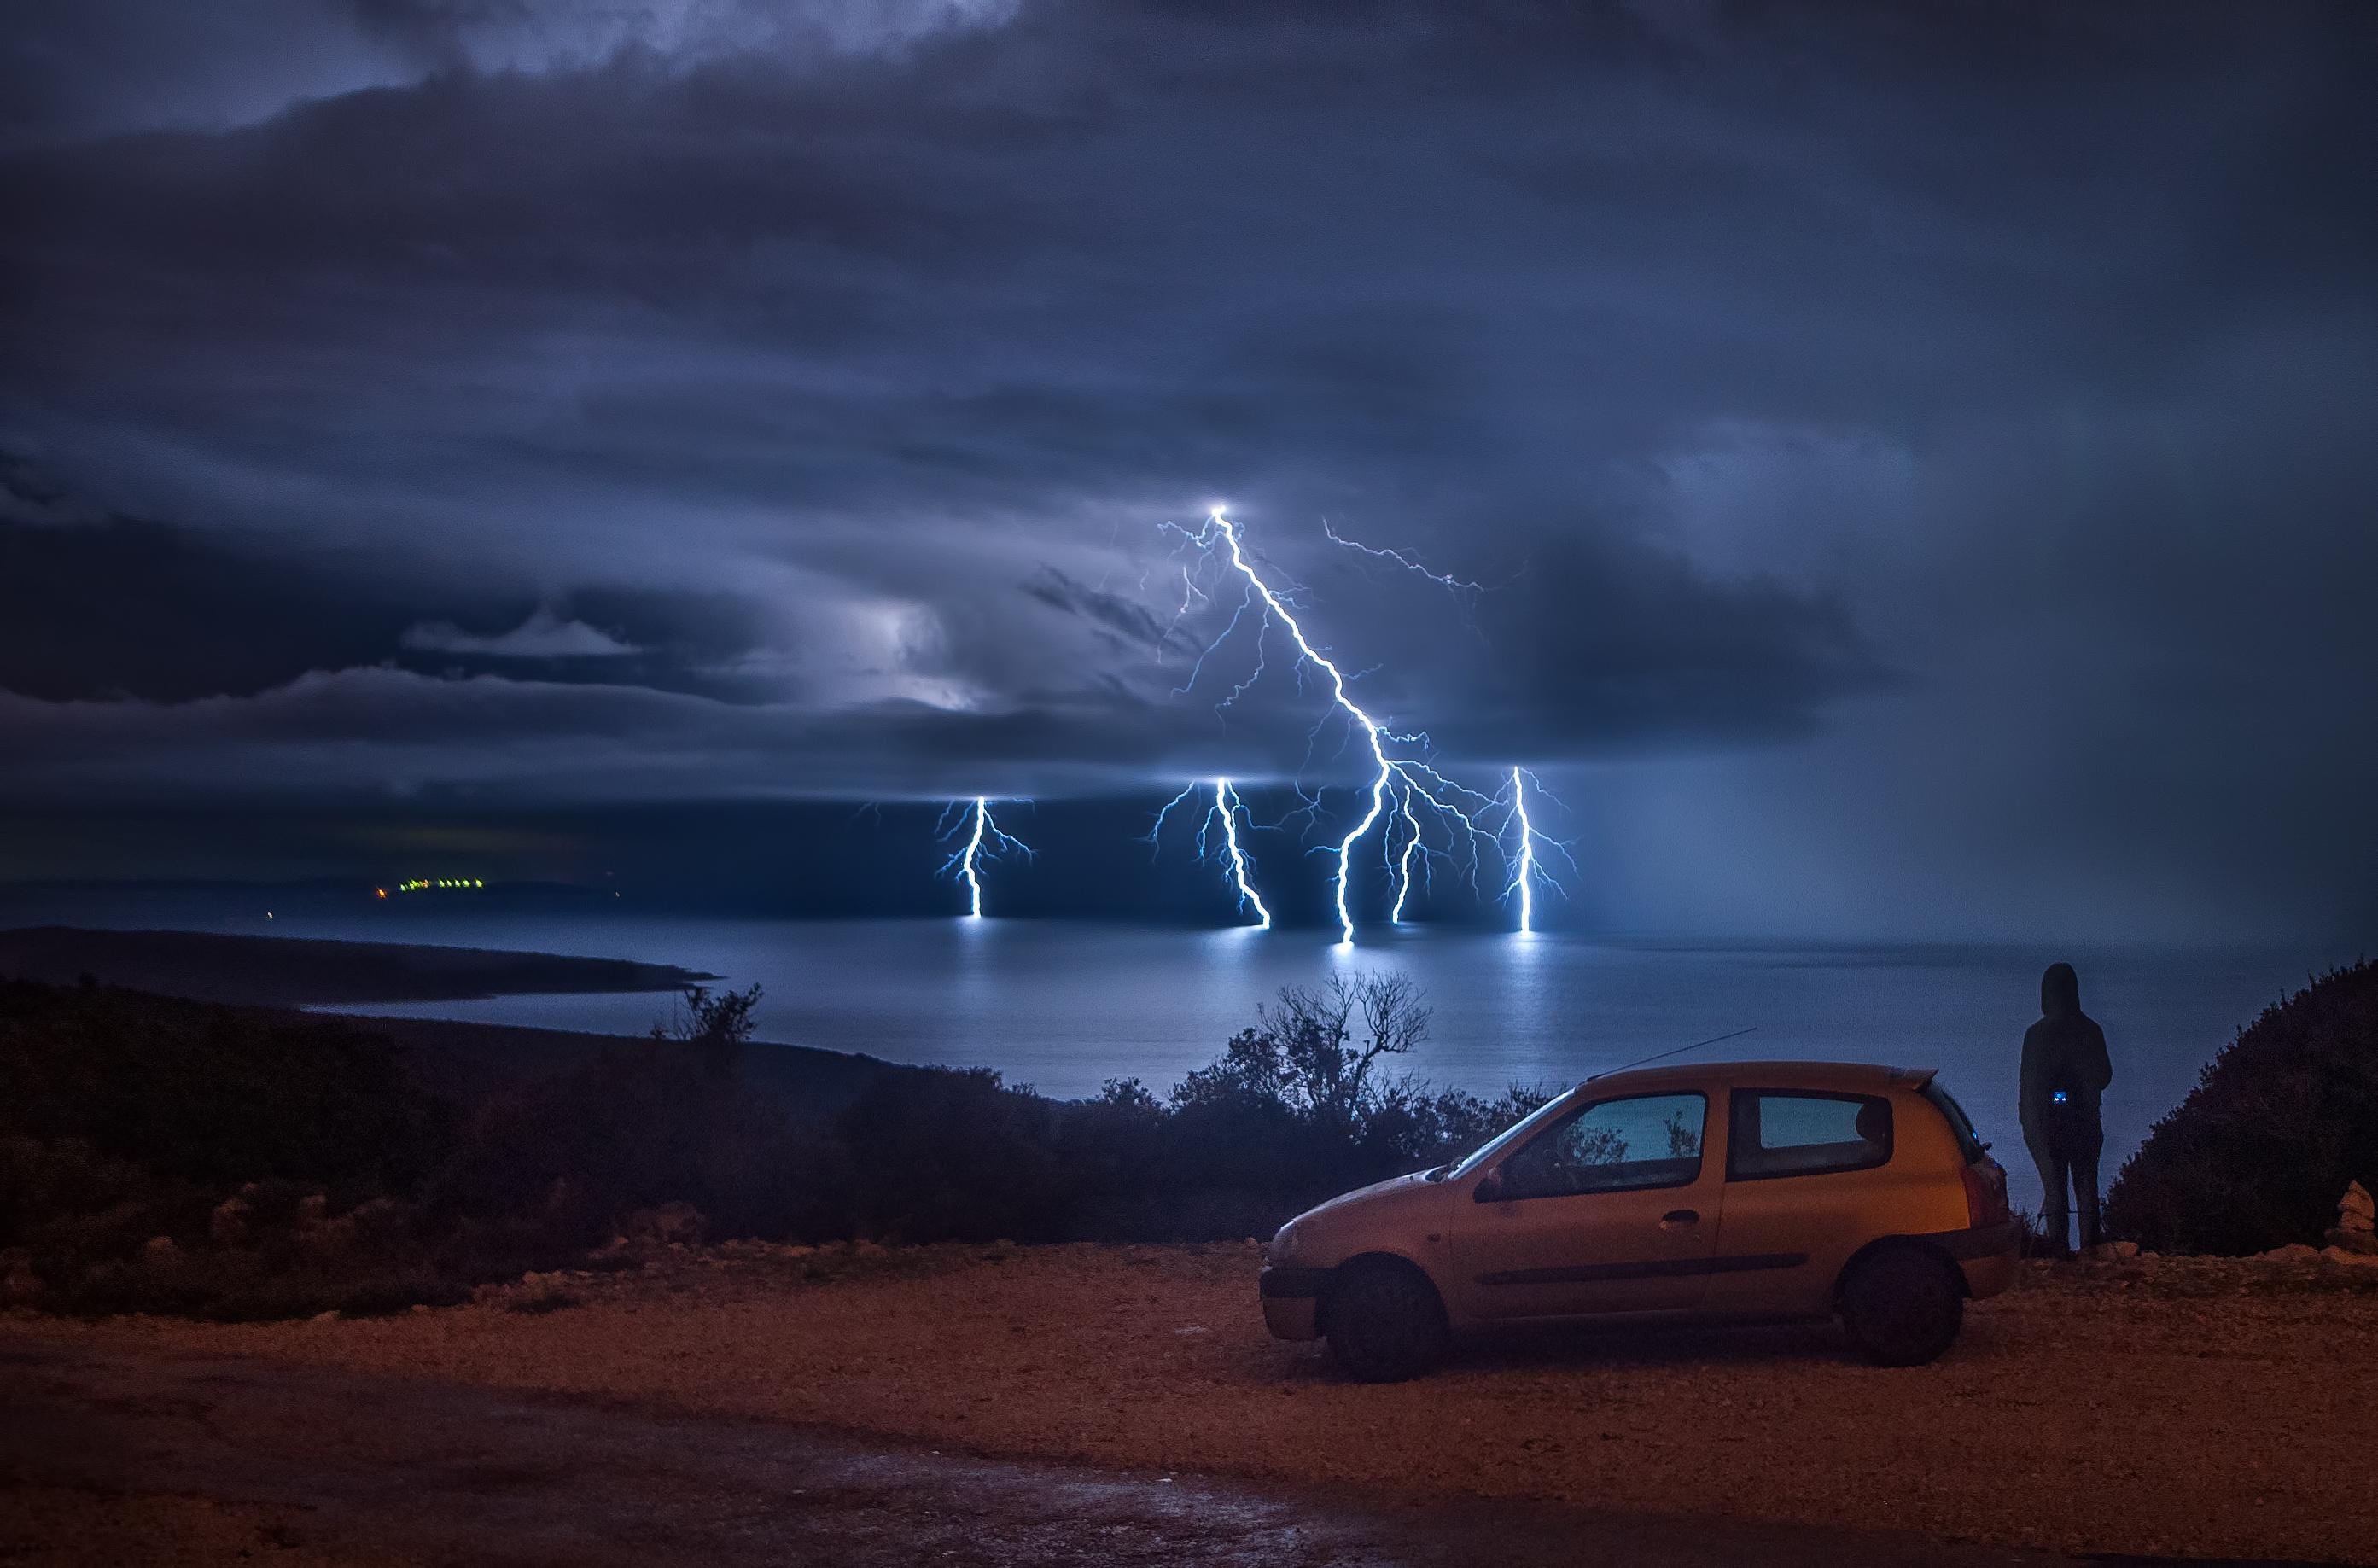 Sandro Puncet napominje da je oduvijek osjećao strast prema proučavanju meteoroloških pojava, čemu je pridonijelo to što su mu oba roditelja i nono meteorolozi po struci